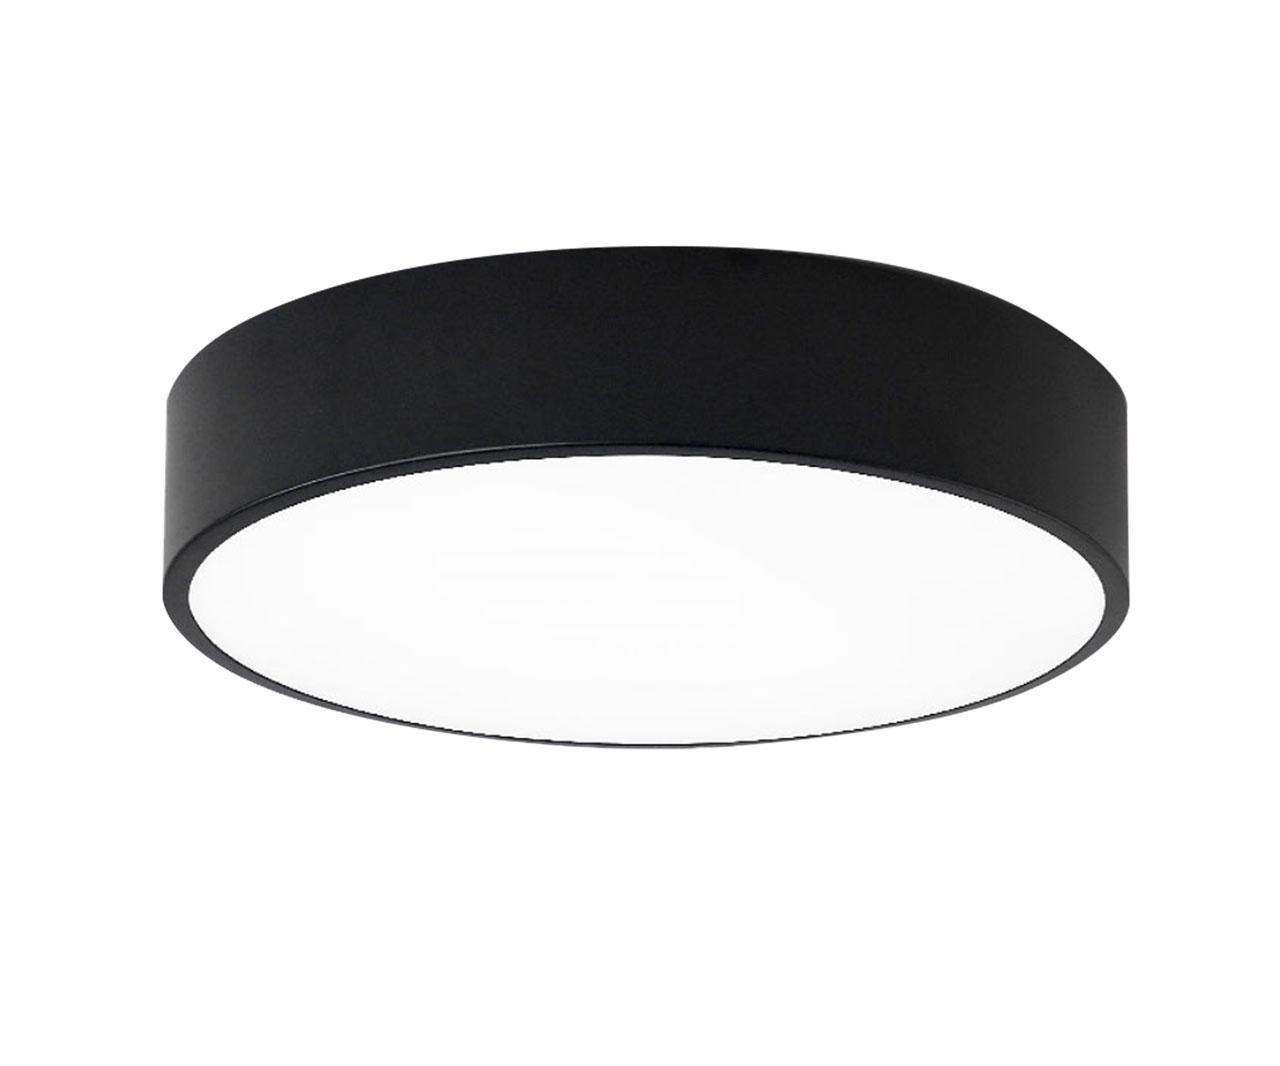 цена на Потолочный светильник Kink Light 05460,19, черный